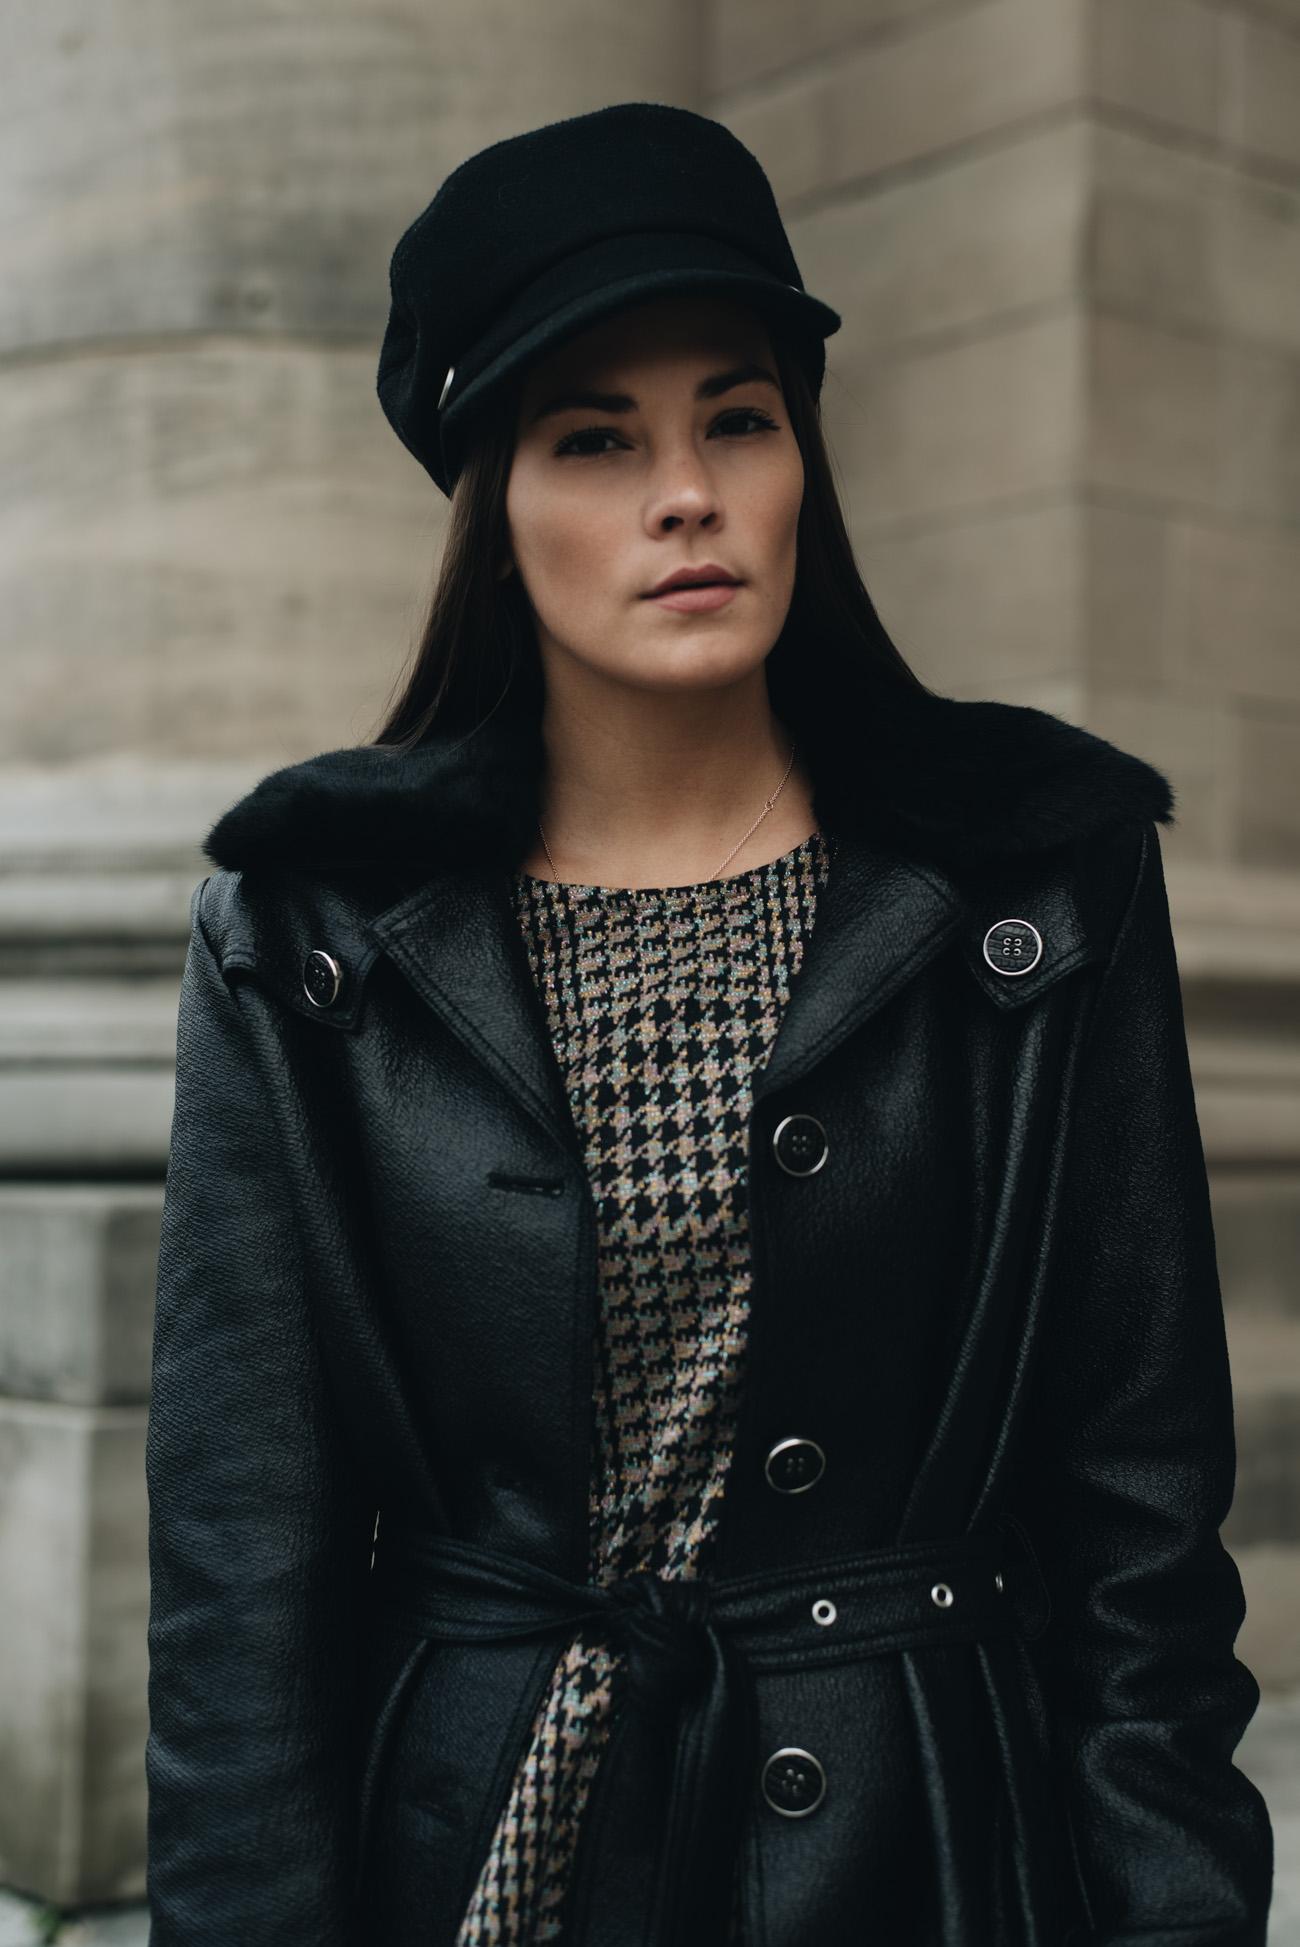 Nina-Schwichtenberg-mode-bloggerin-deutschland-münchen-outfit-zweiteiler-hose-shirt-hahnentritt-muster-chloé-nile-tasche-grau-braun-baker-boy-hut-fashiioncarpet